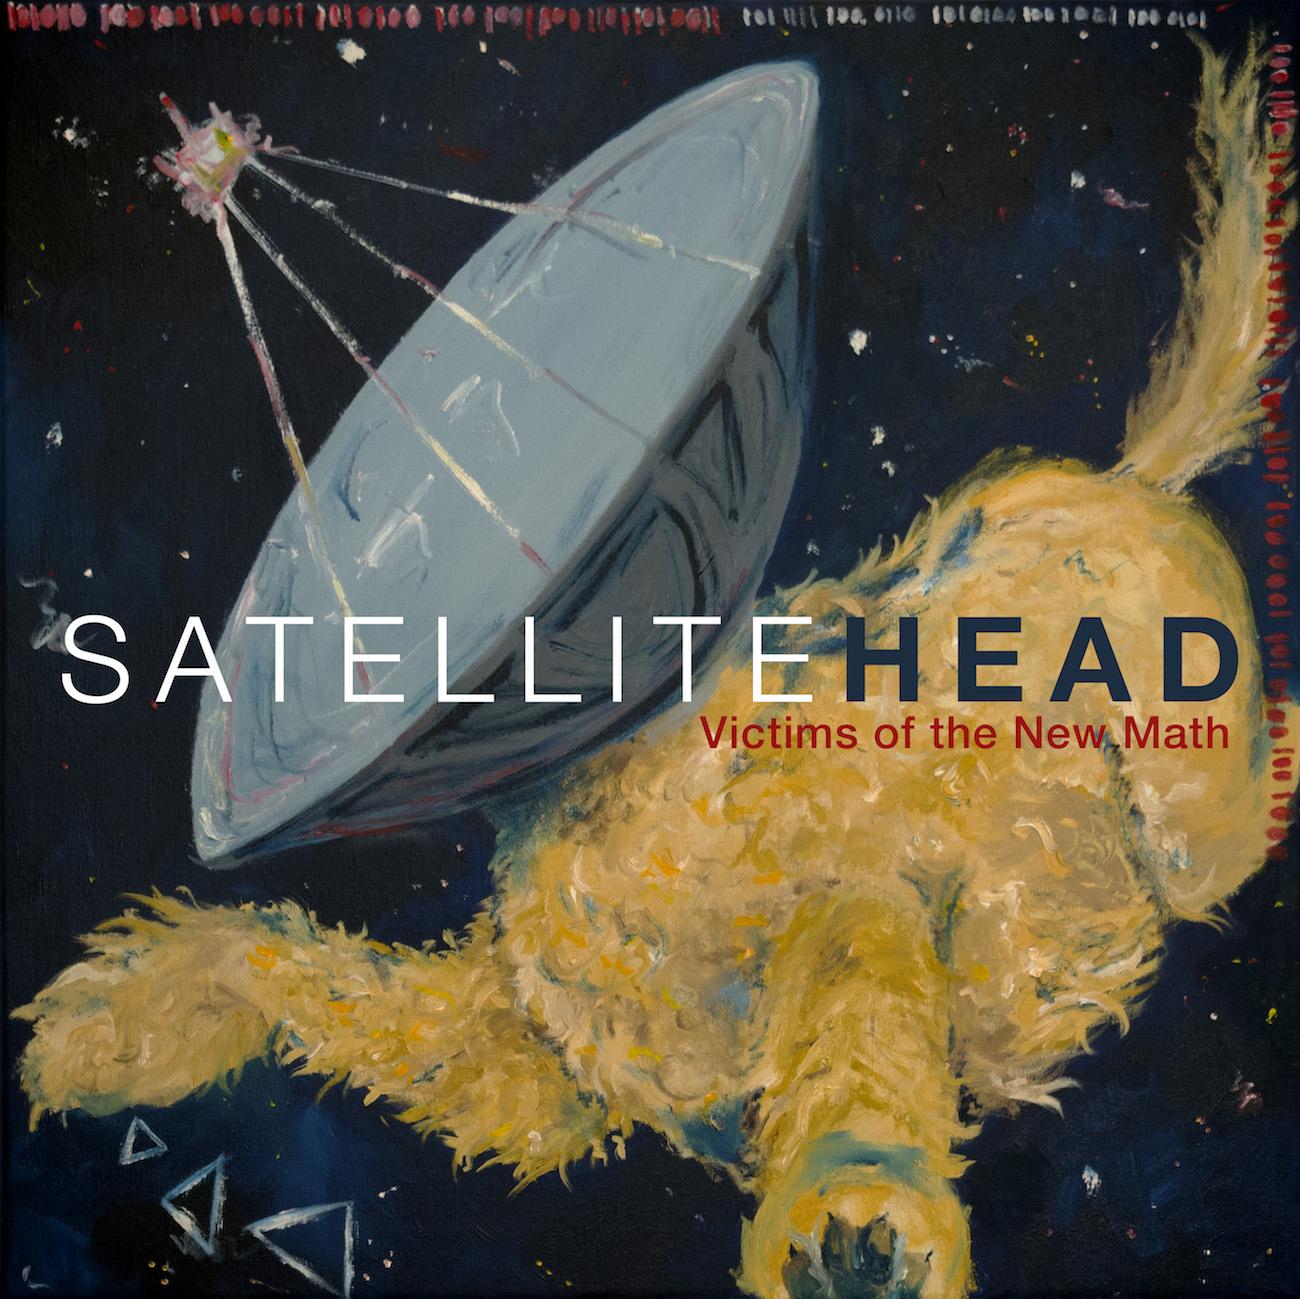 SatelliteHead_OptionB.jpg